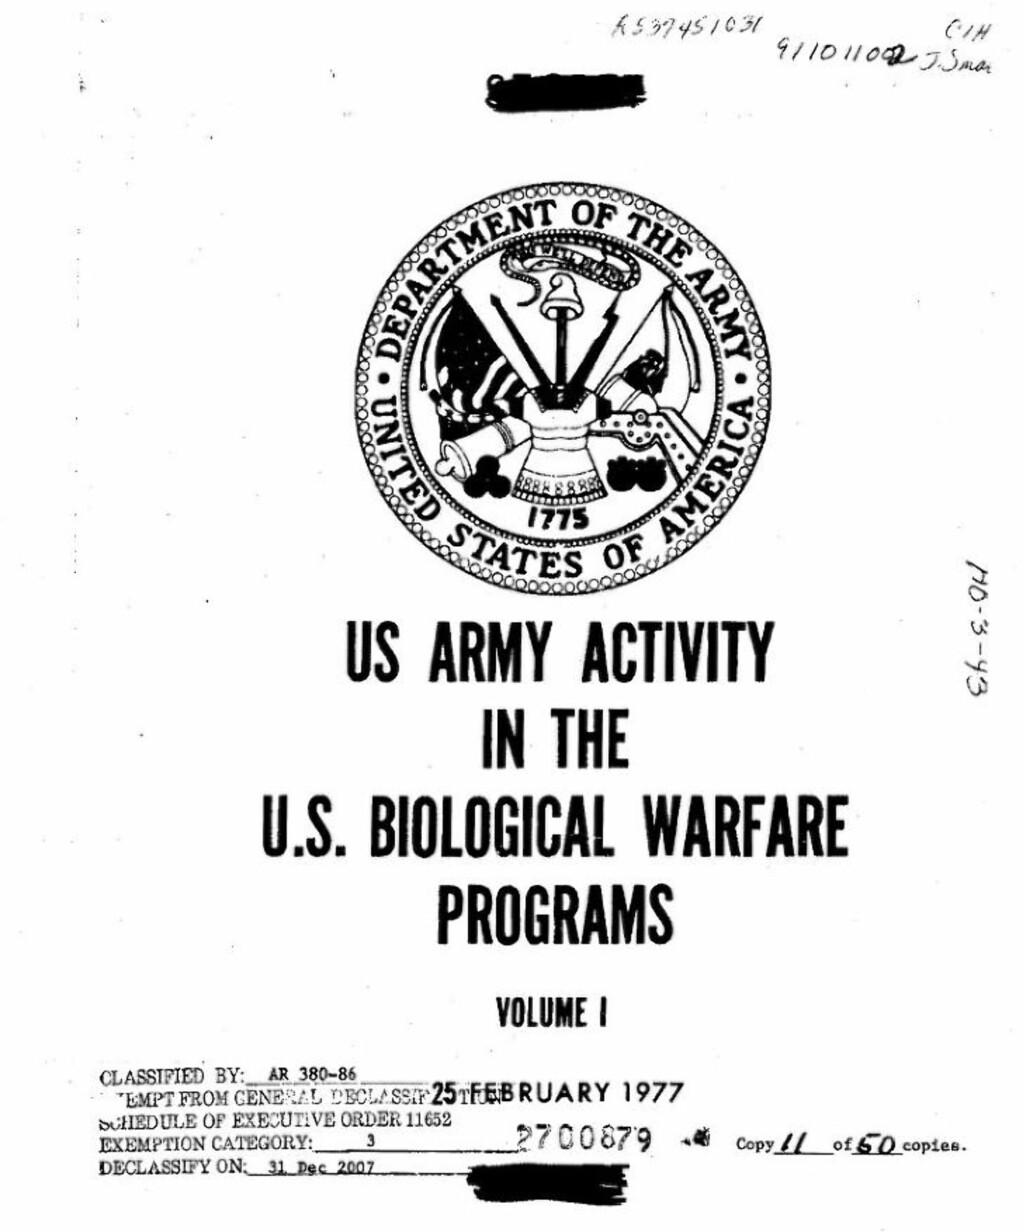 SJOKKRAPPORT: Det amerikanske programmet for biologisk krigføring var svært omfattende og topphemmelig. En senathøring og denne rapporten fra 1977 ga den første innsikten i programmet, som blant annet innebar simulerte biologiske angrep på amerikanske byer.